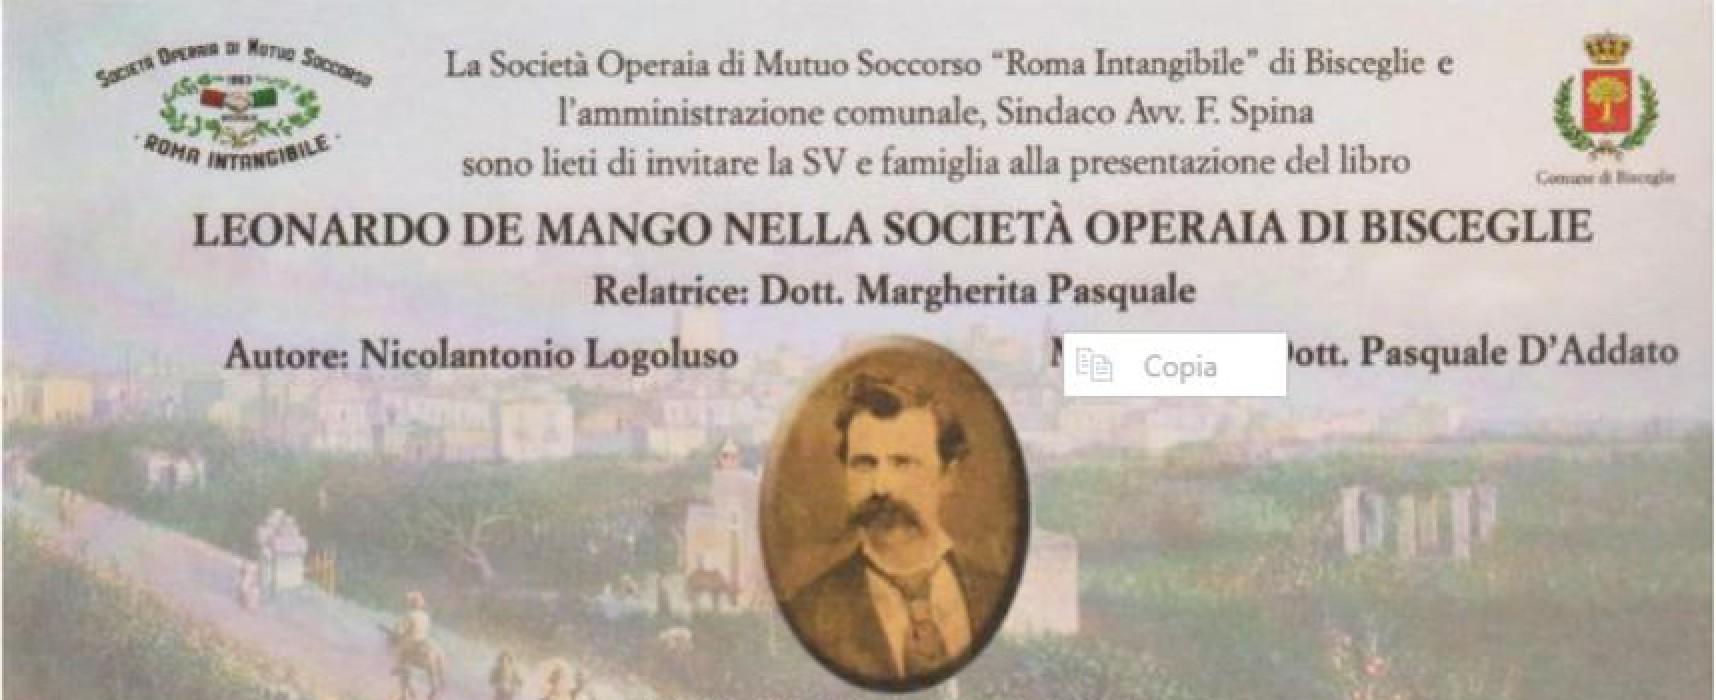 """La Società Operaia di Mutuo Soccorso """"Roma Intangibile"""" ricorda Leonardo De Mango"""